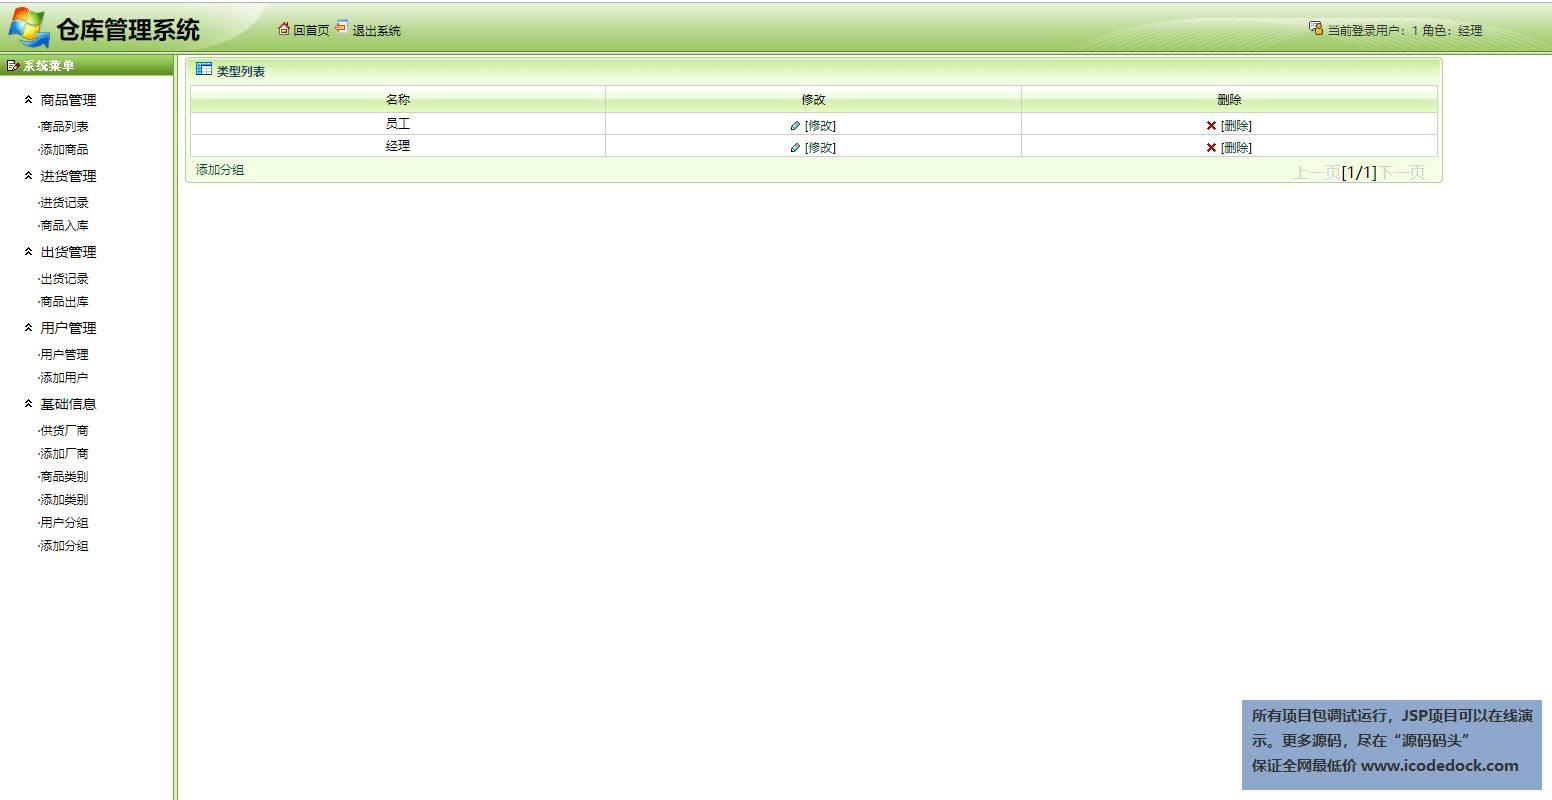 源码码头-SSH仓库管理系统-管理员角色-用户分组管理